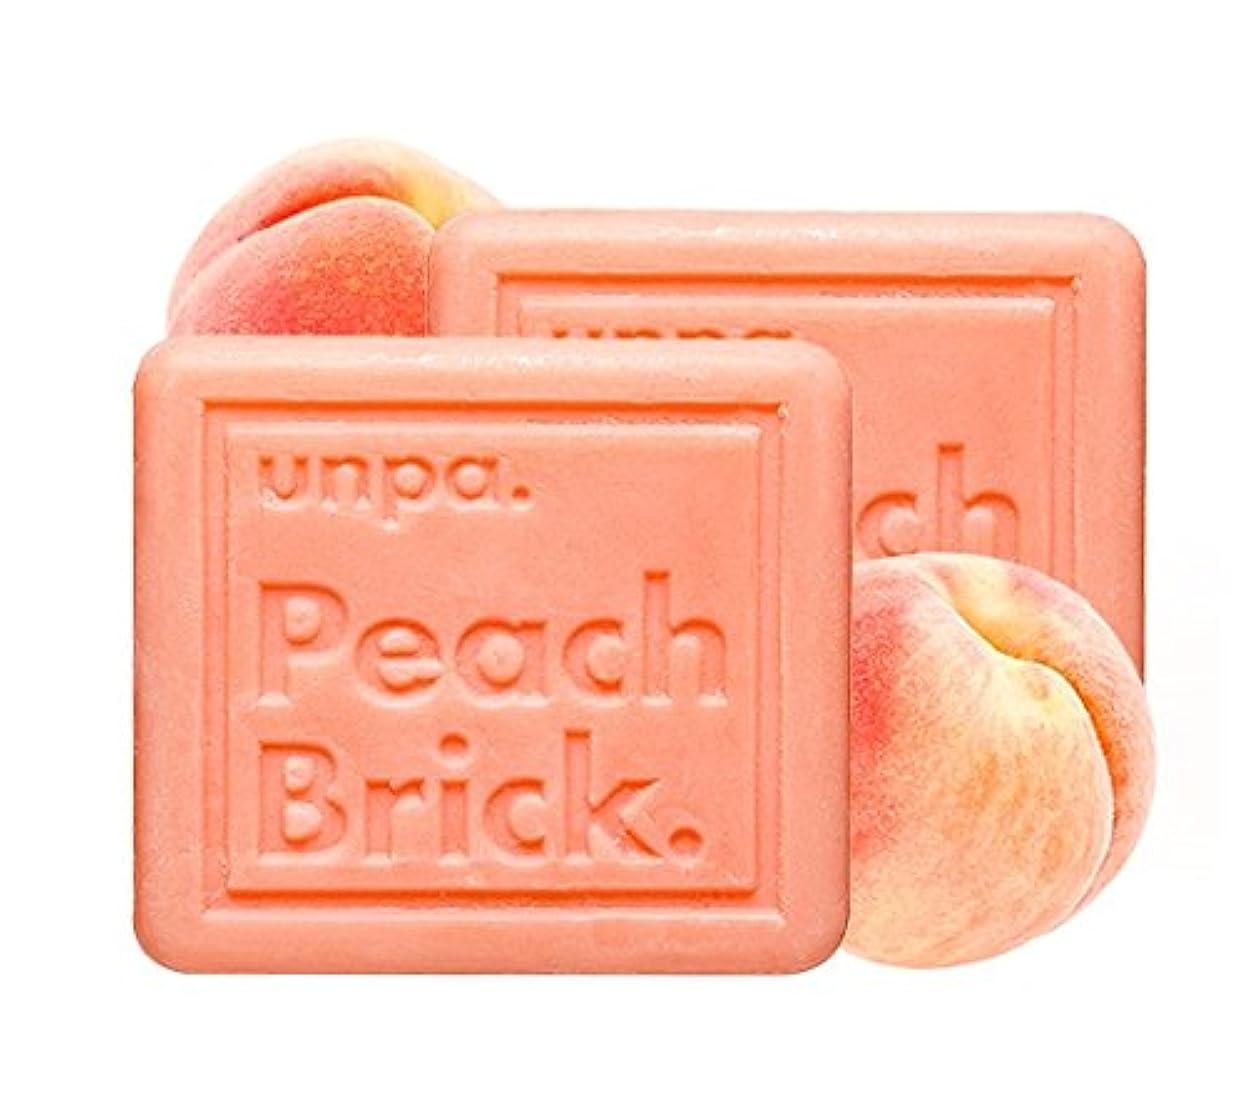 くびれた挽くずっとunpa ピッチ?ブリック?トンアップ?ソープ(Peach Brick Tone-Up Soap)